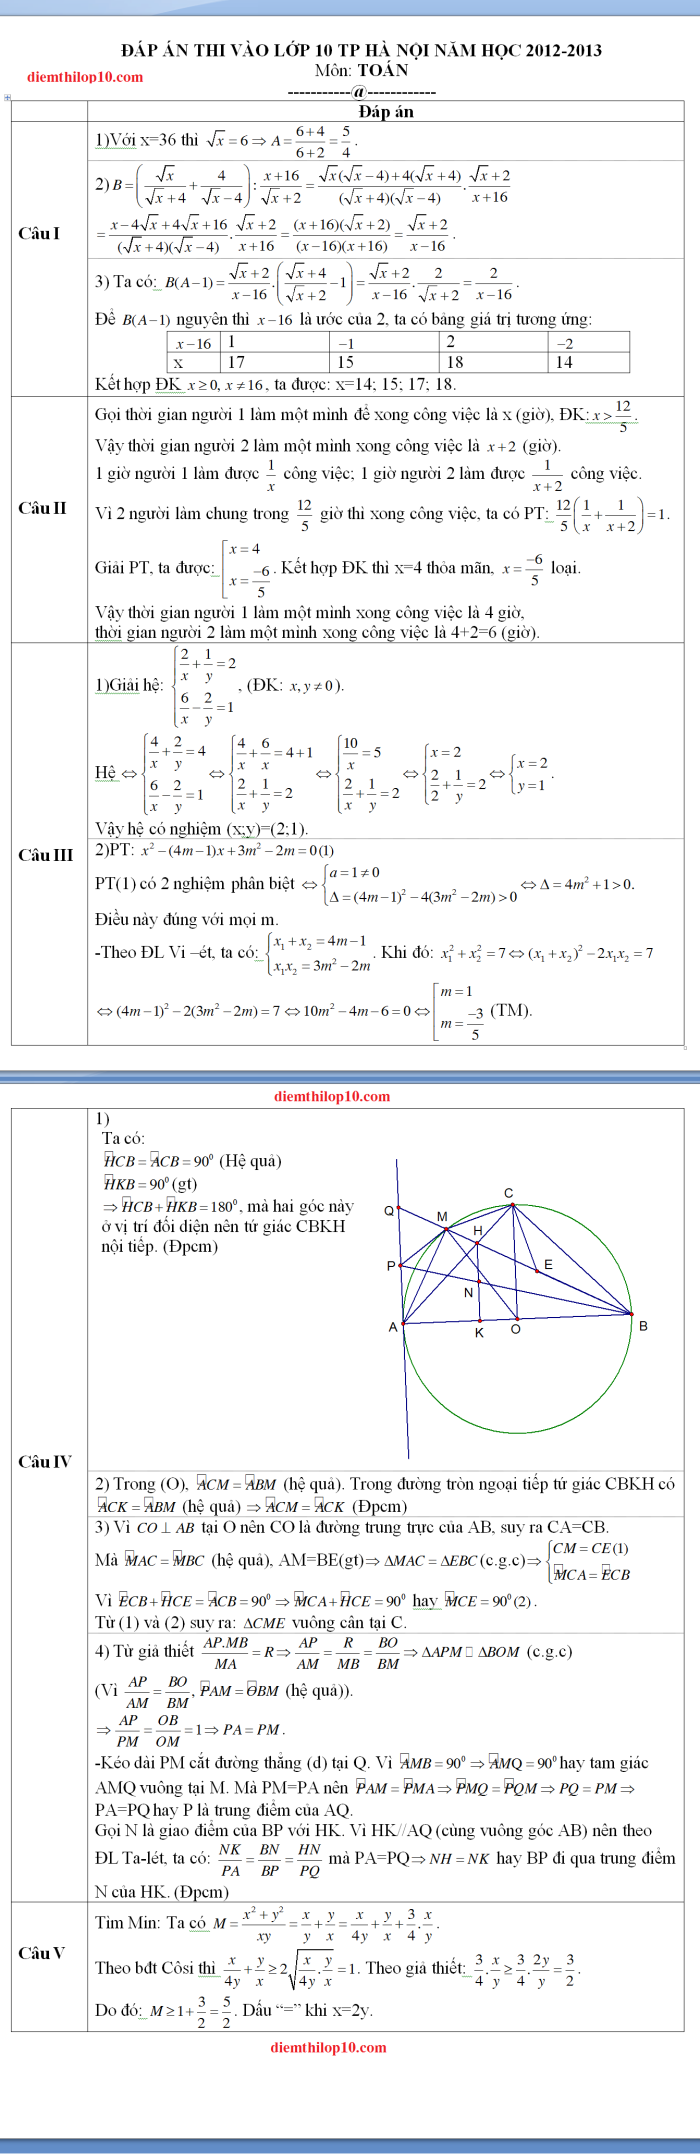 Điểm thi lớp 10 năm 2012 7258a243ecc0a501d22259bcfed84134 46426634.toan10hanoi.700x0 Đáp án đề thi môn toán lớp 10 HÀ NỘI năm 2012